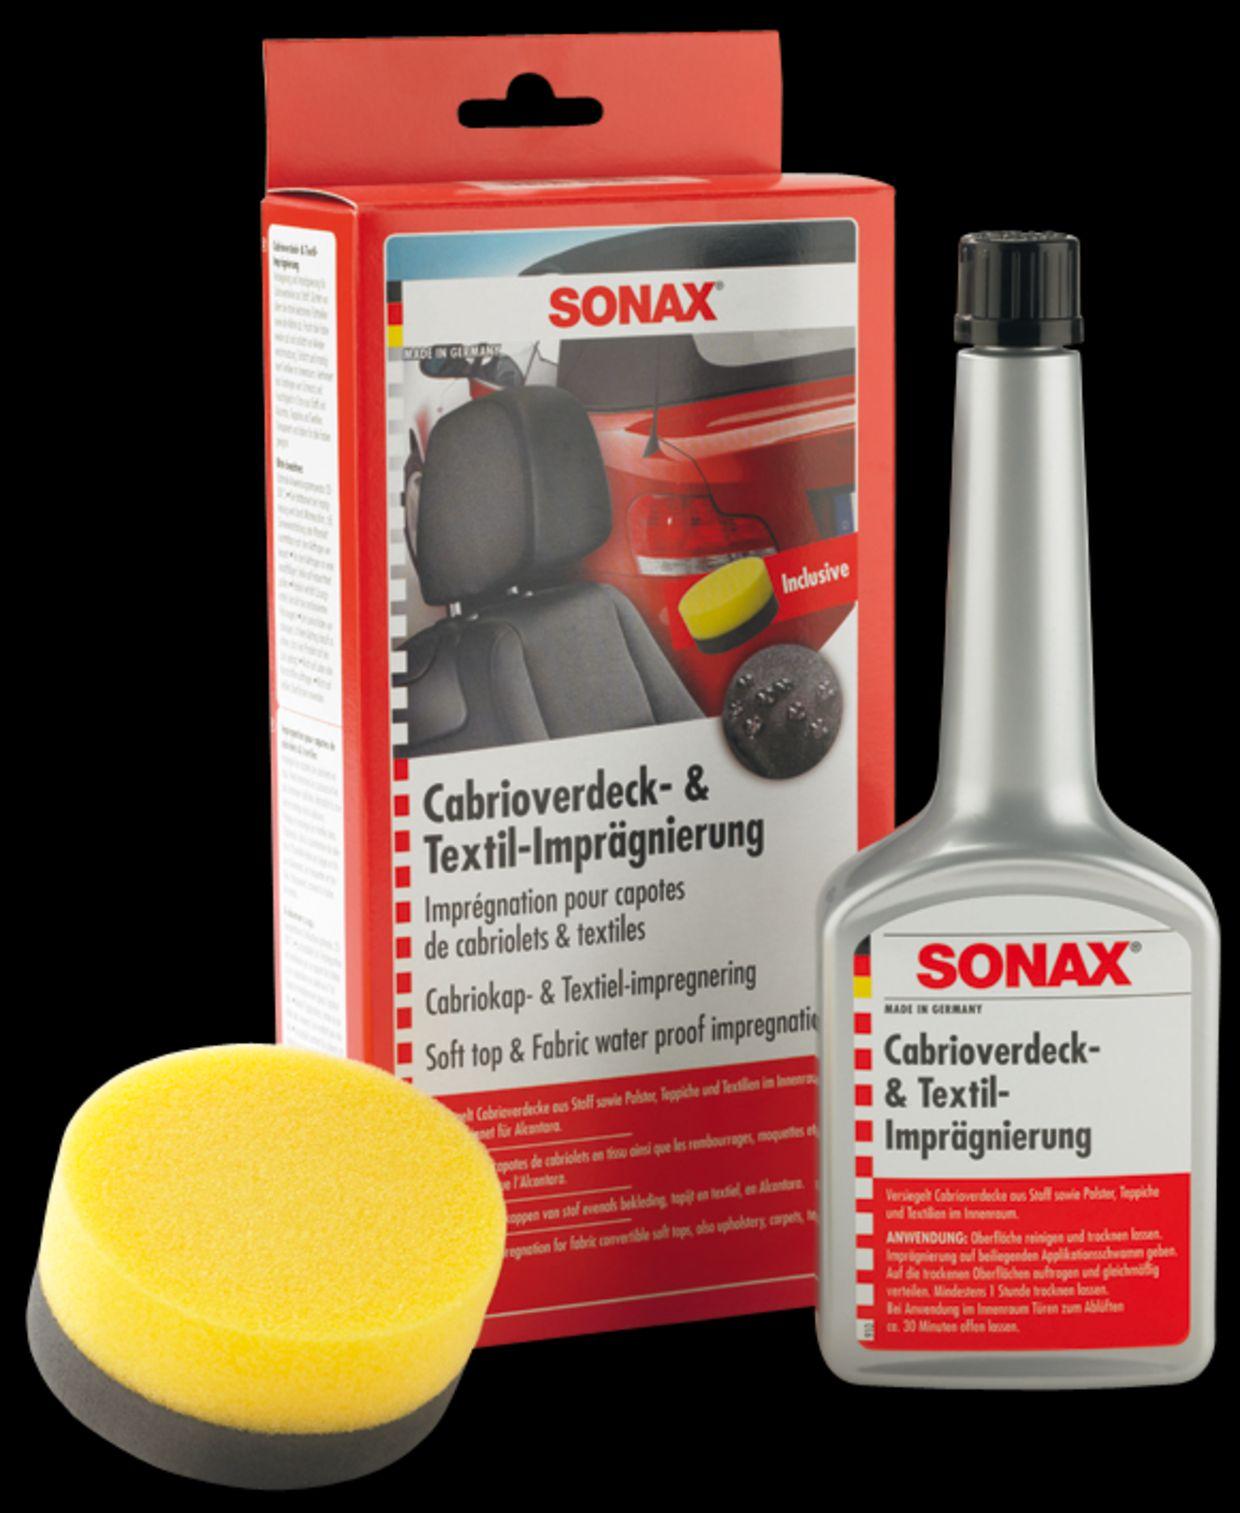 sonax cabrio verdeck textil impr gnierung 250ml 310 100 ebay. Black Bedroom Furniture Sets. Home Design Ideas